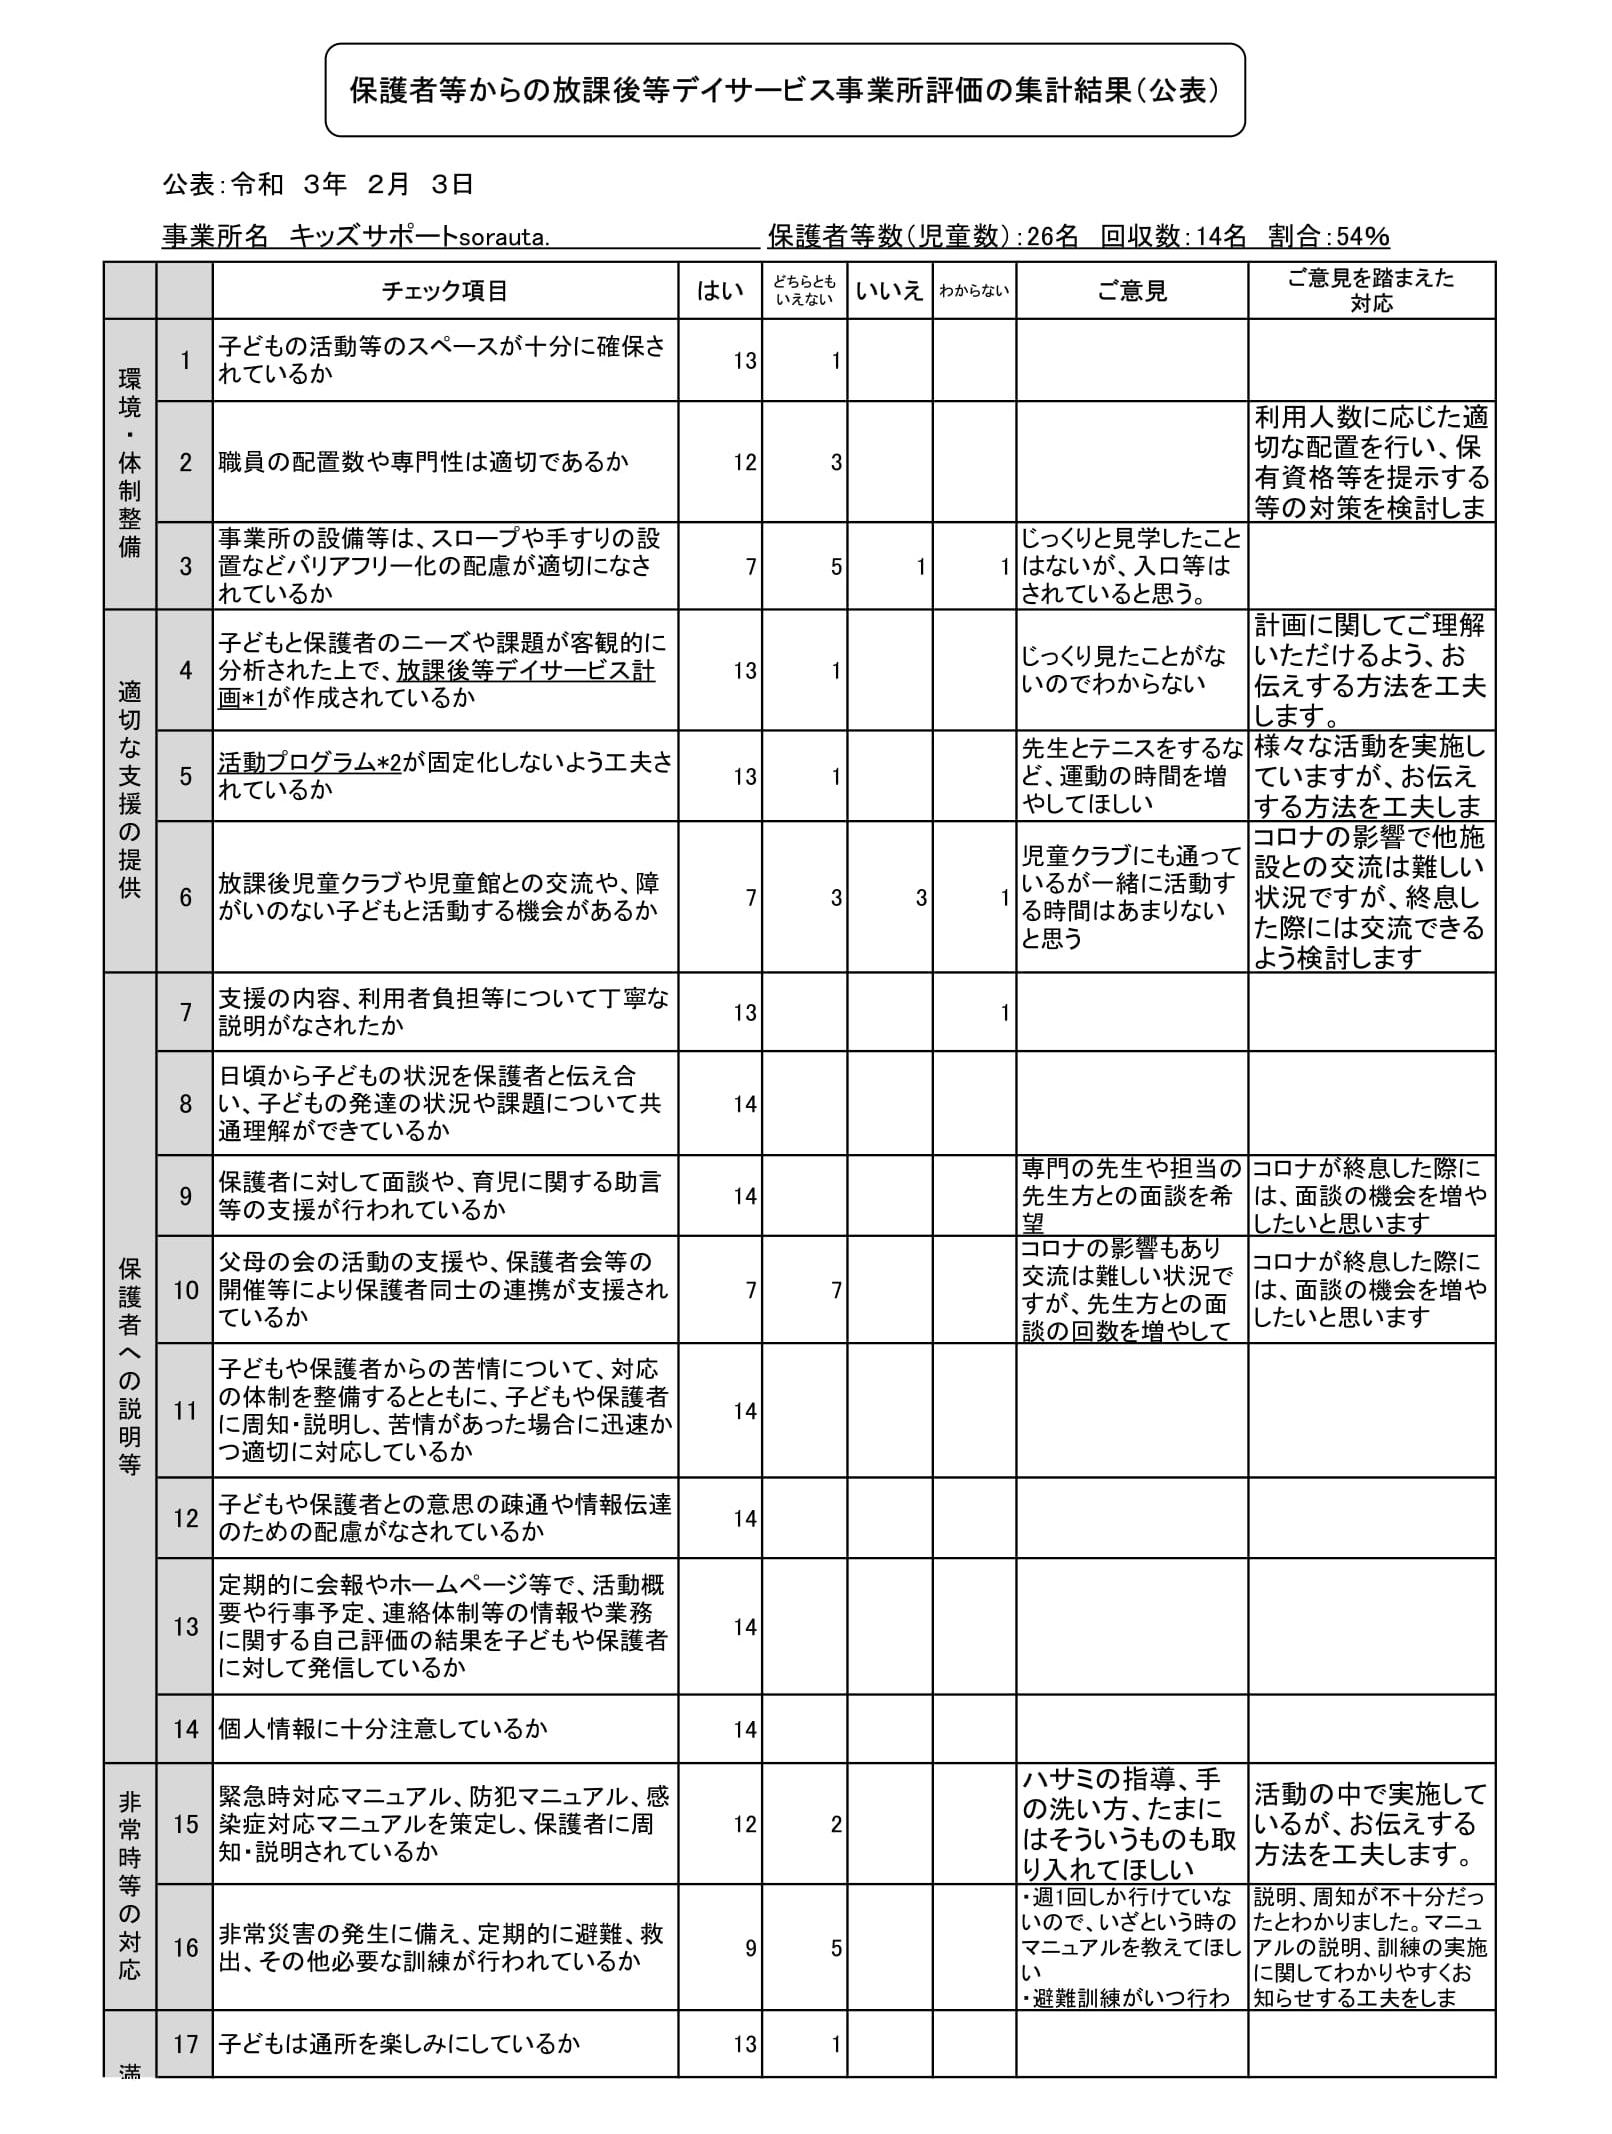 【放課後等デイサービス】保護者等からの事業所評価の集計結果(sorauta.)